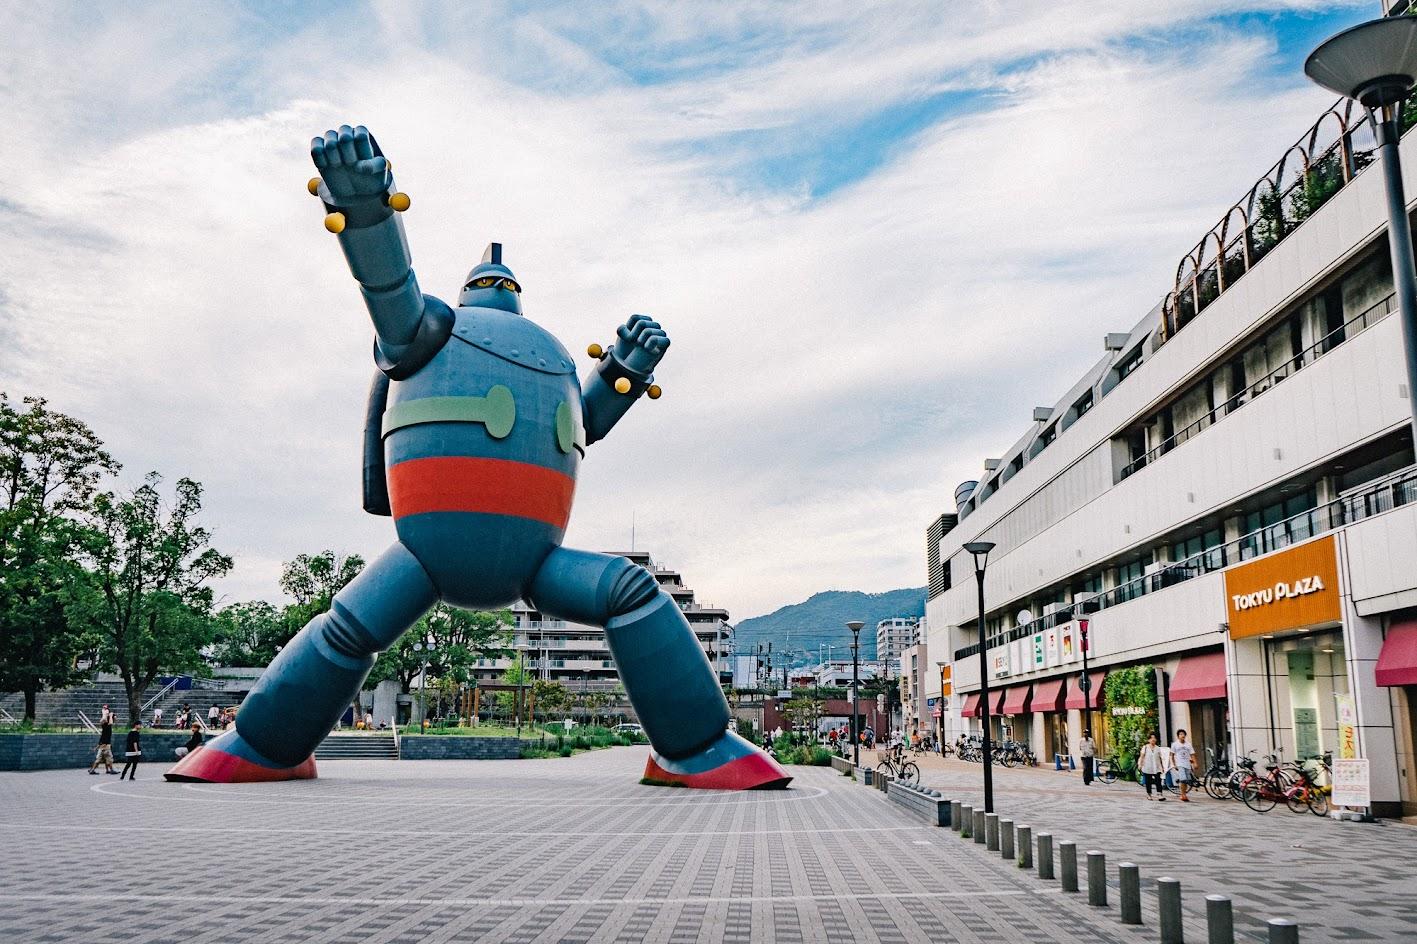 เที่ยวโกเบ: สักการะหุ่นเหล็กหมายเลข 28